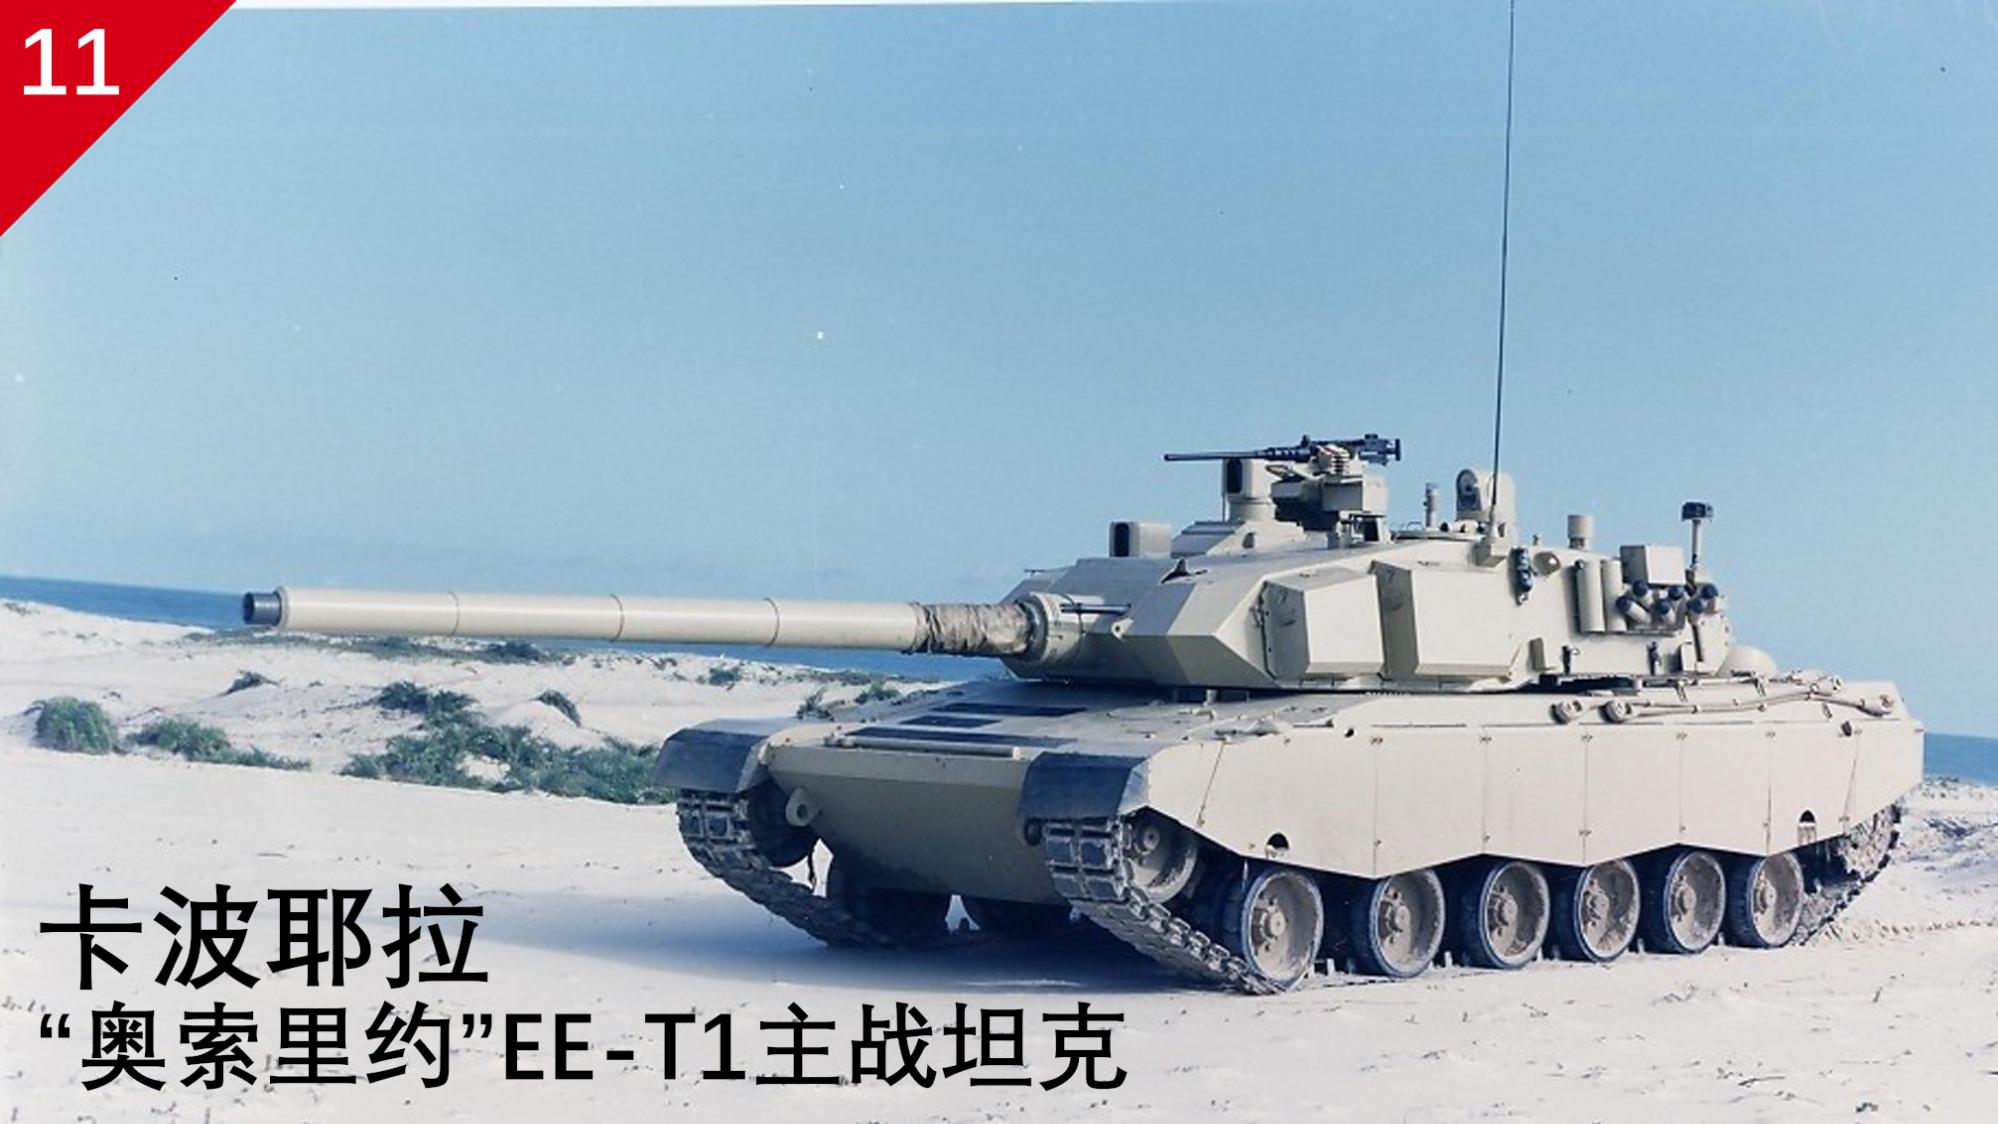 【冷门装甲】卡波耶拉:奥索里约EE-T1主战坦克